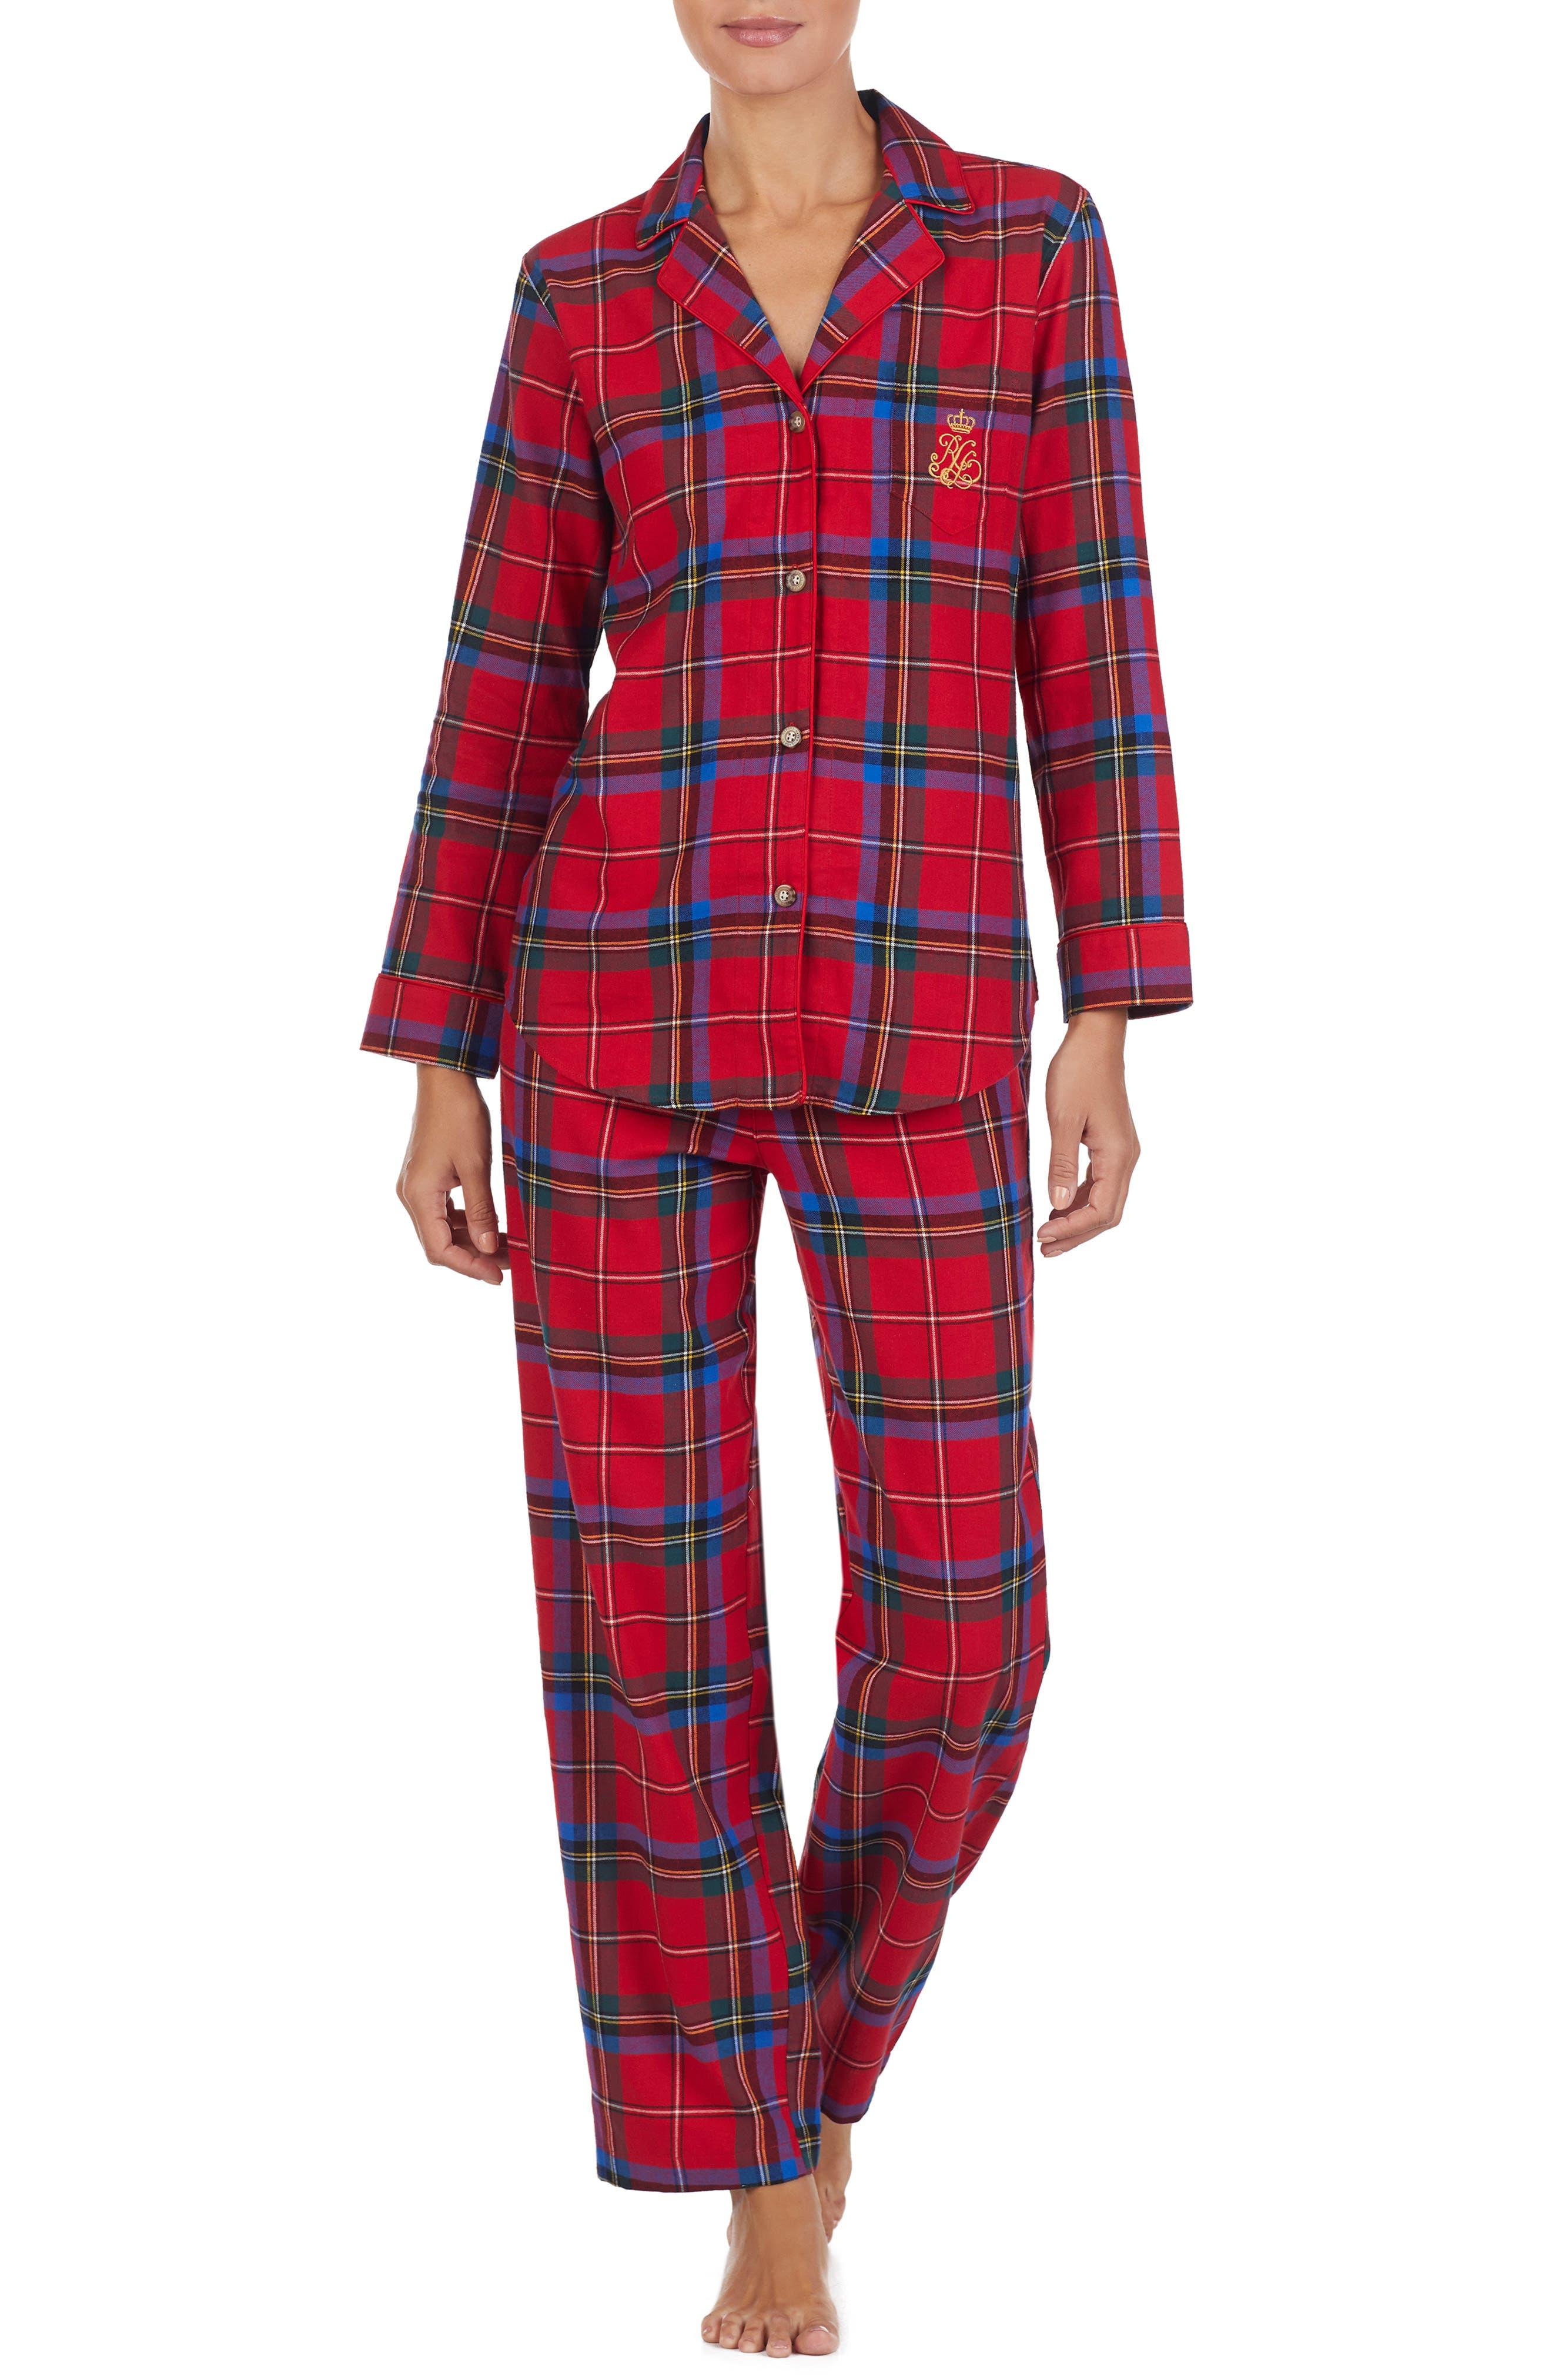 LAUREN RALPH LAUREN Flannel Pajamas, Main, color, 644